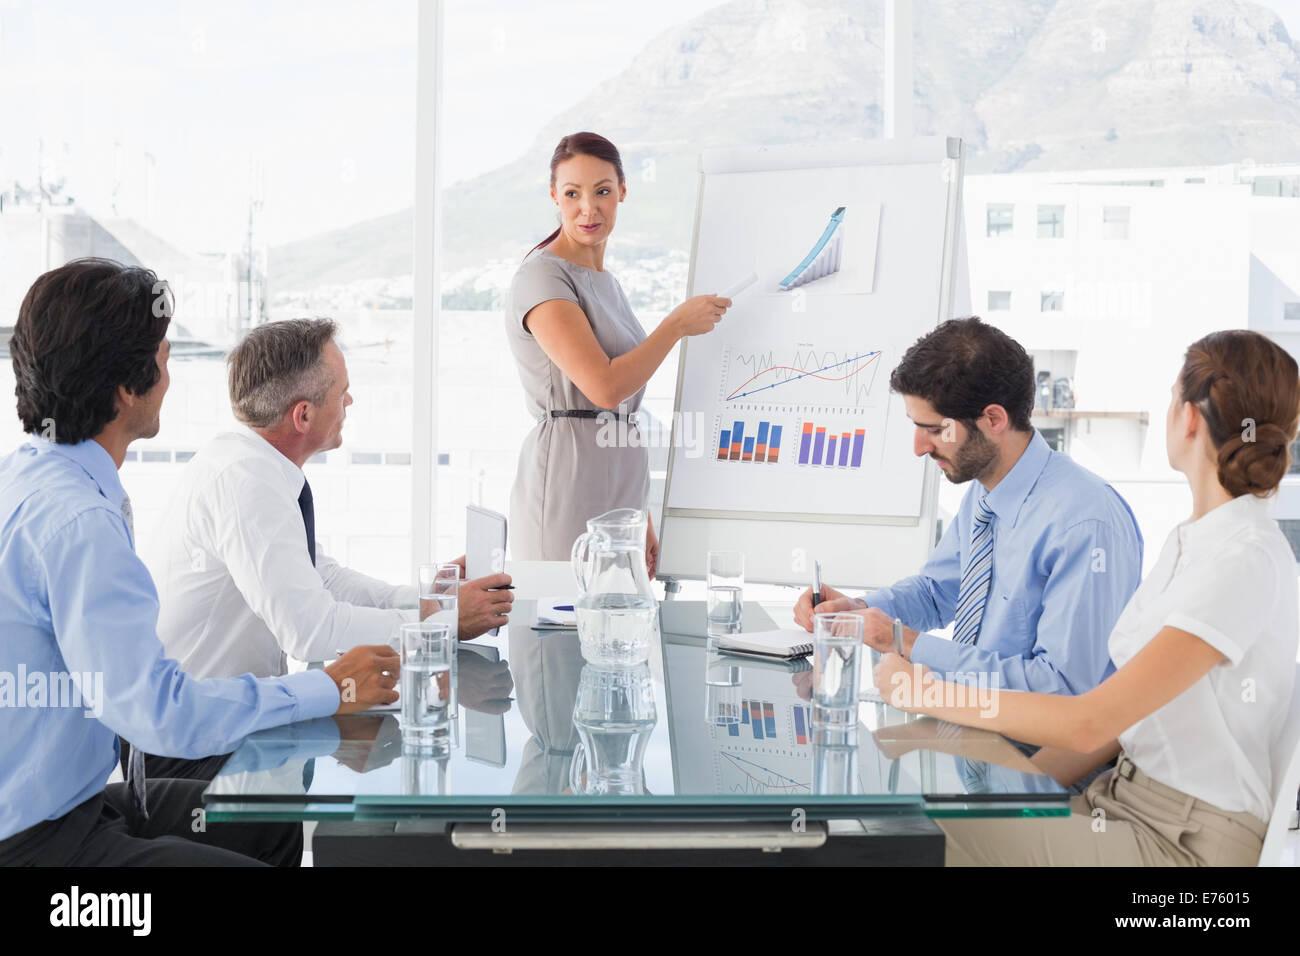 Business donna dando una presentazione Immagini Stock